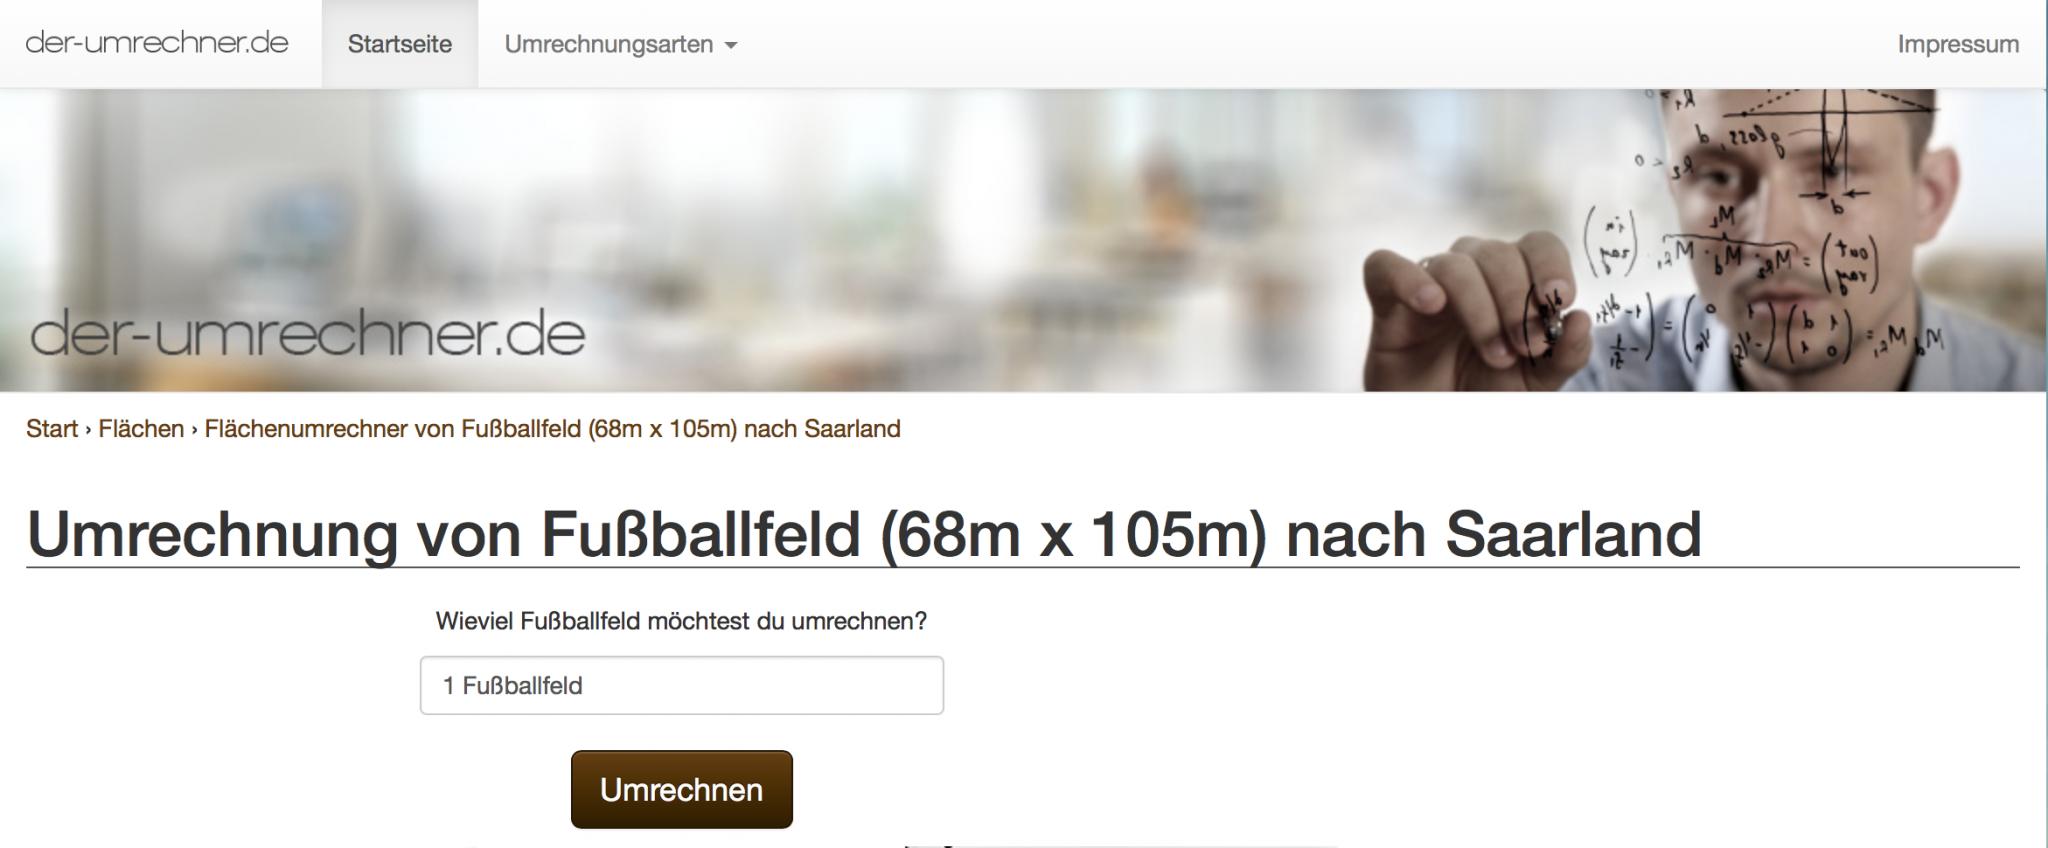 Das Verhältnis von Saarland zu Fußballfeldern ist...